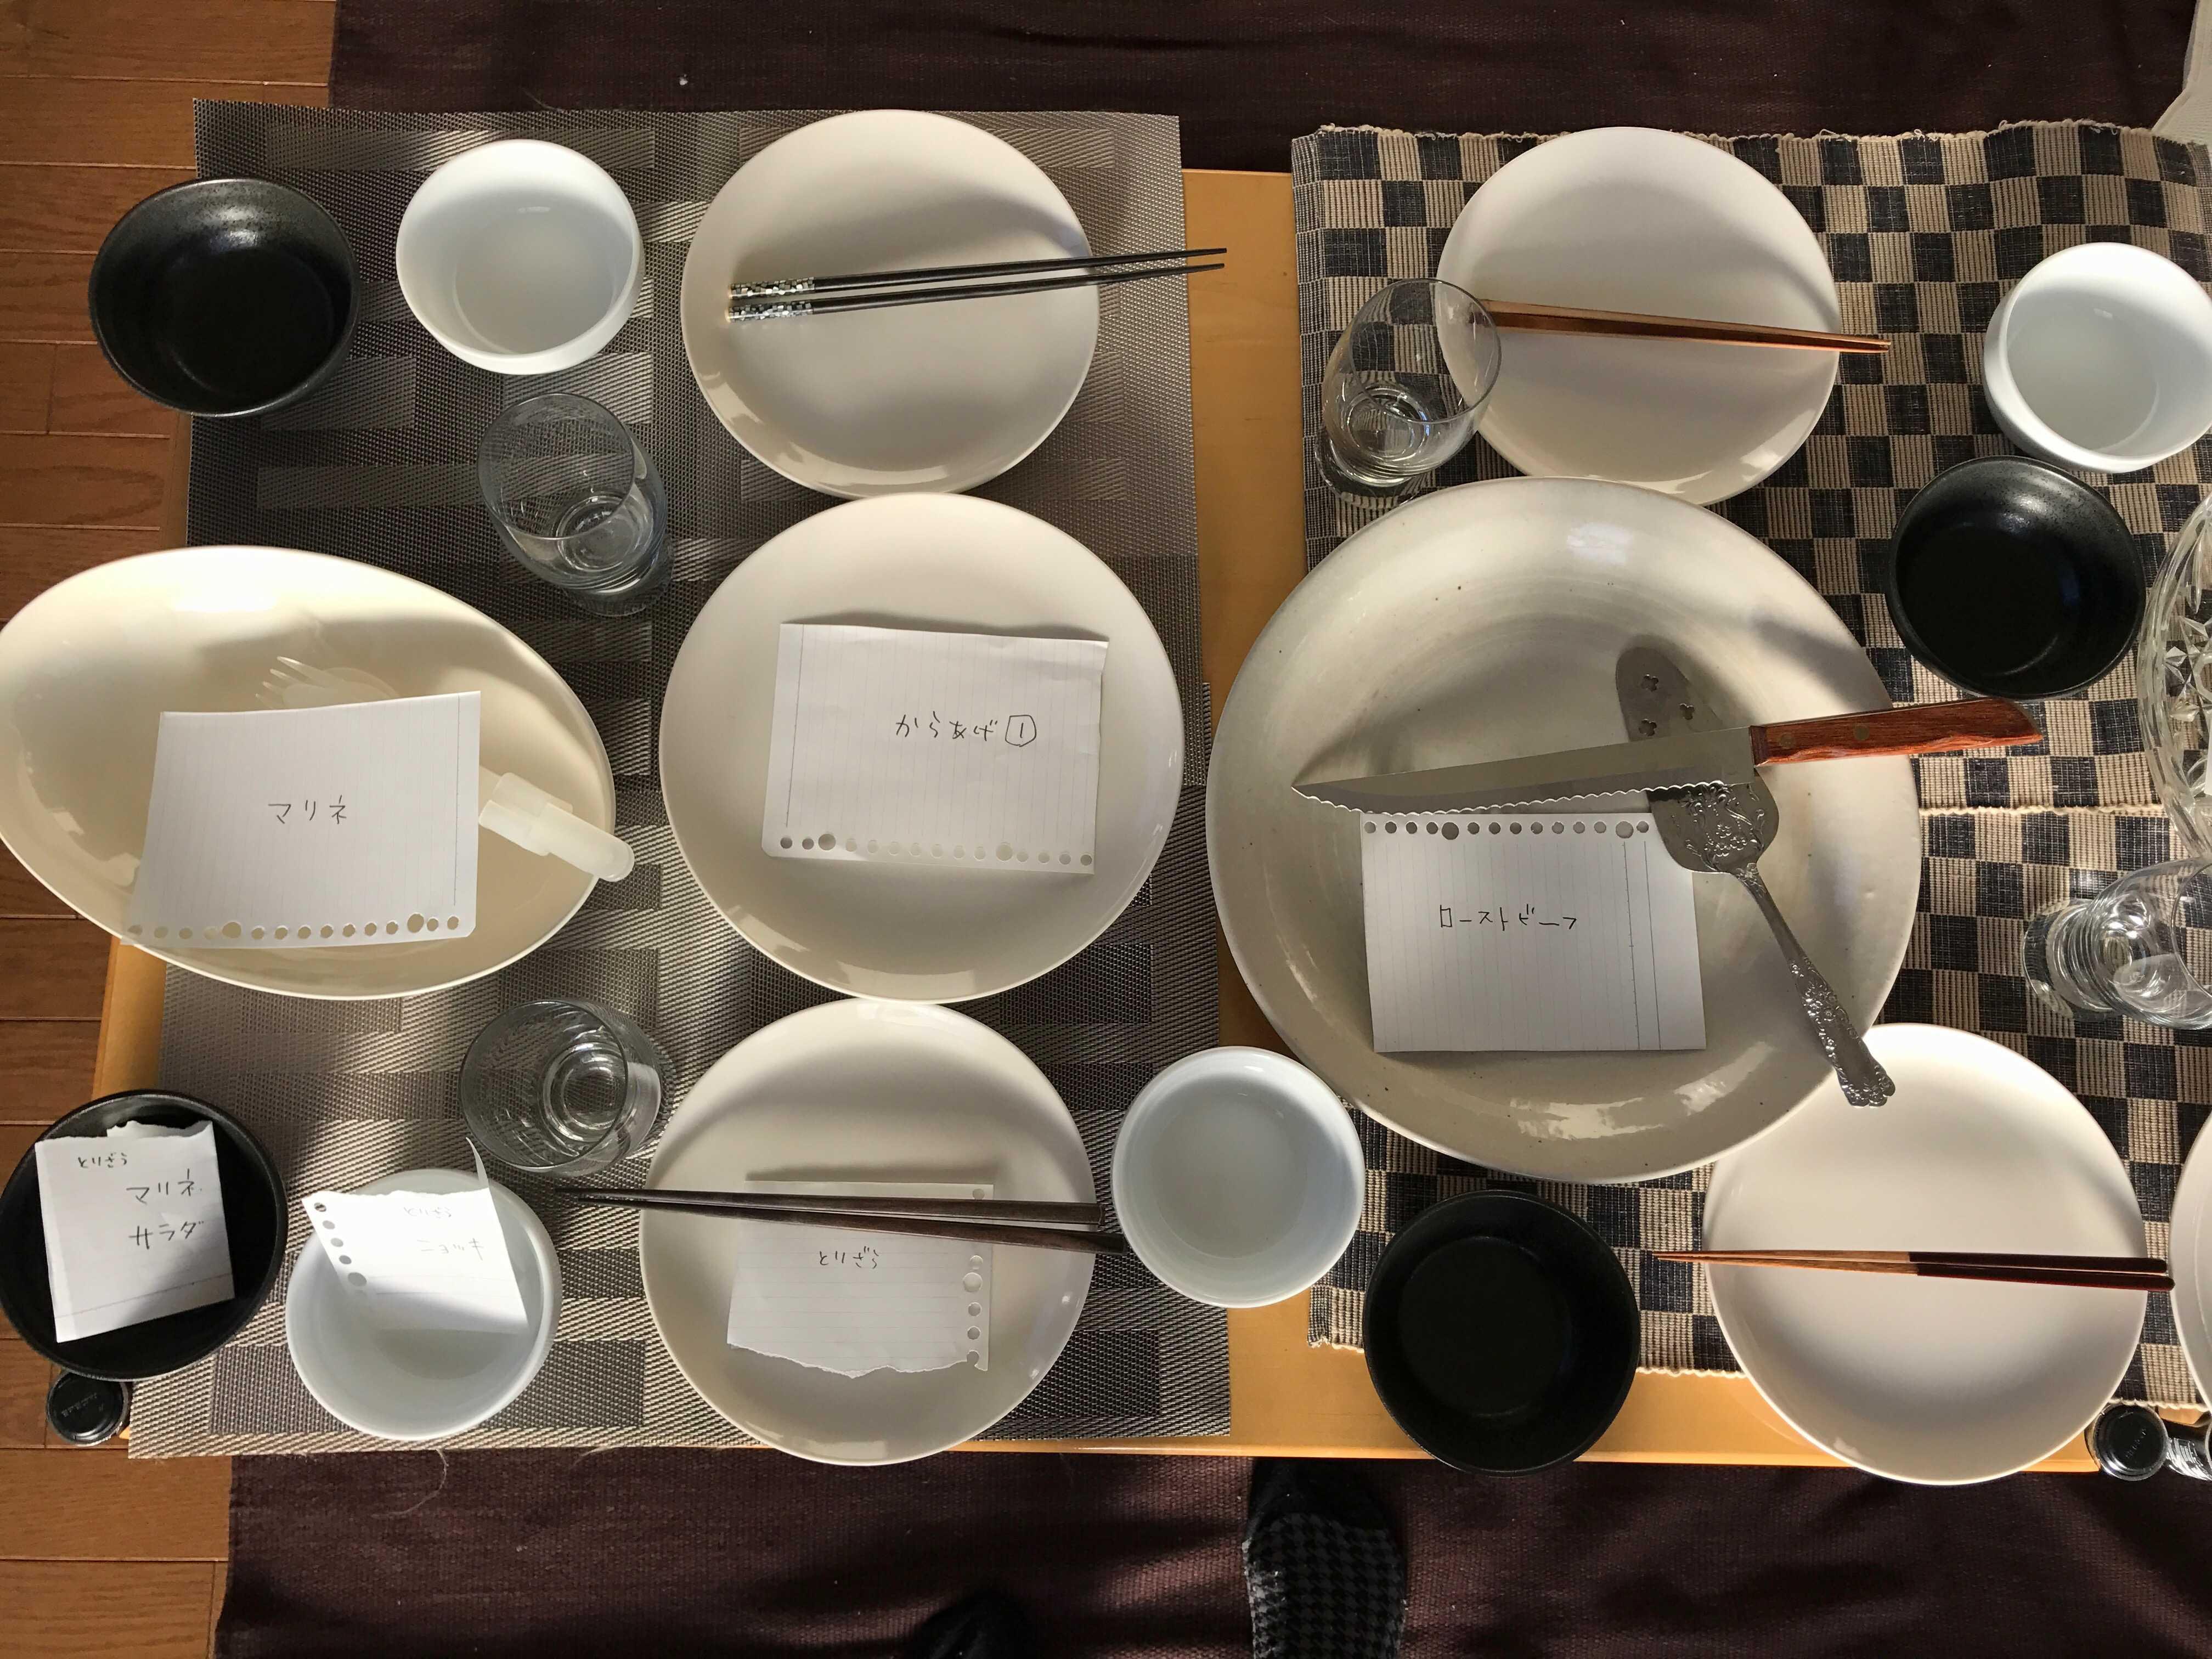 かといって、紙皿系は(wasaraを検討したこともあるのですが)せっかく作ってくれたごはんが美味しそうにみえないんですよね。